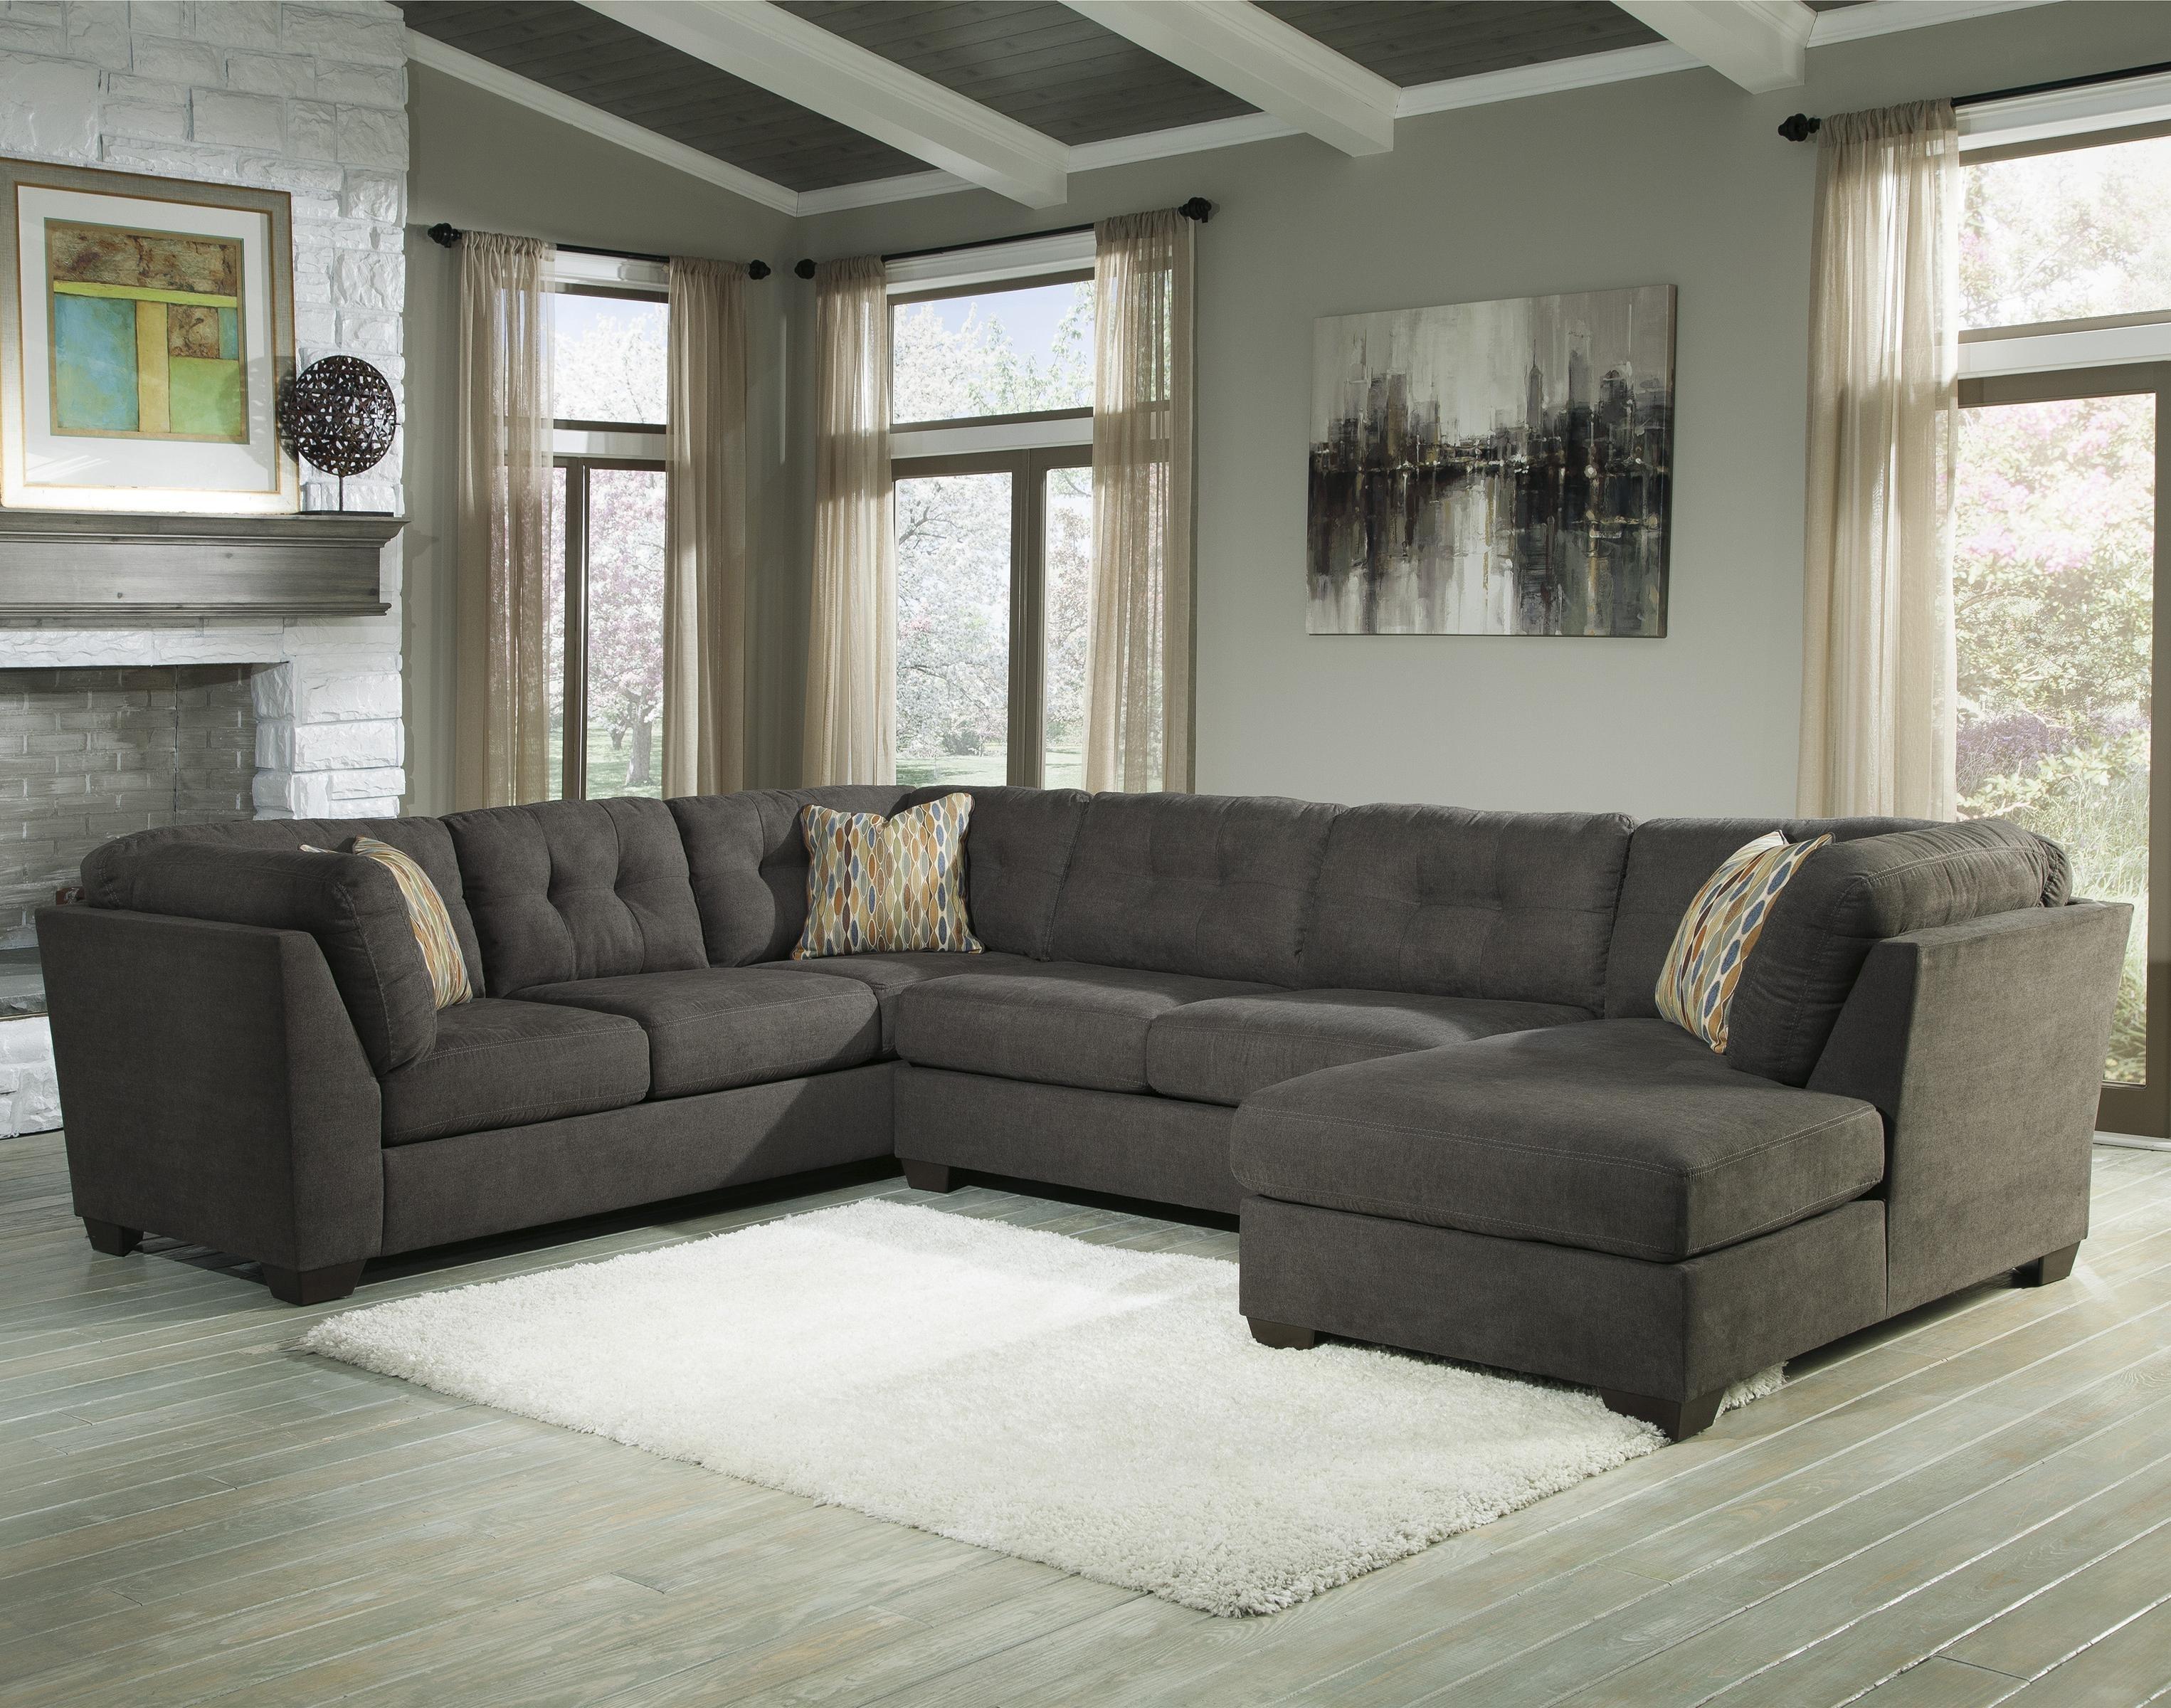 Sectional Sofas Jackson Ms • Sectional Sofa Inside Jackson Ms Sectional Sofas (Image 9 of 10)